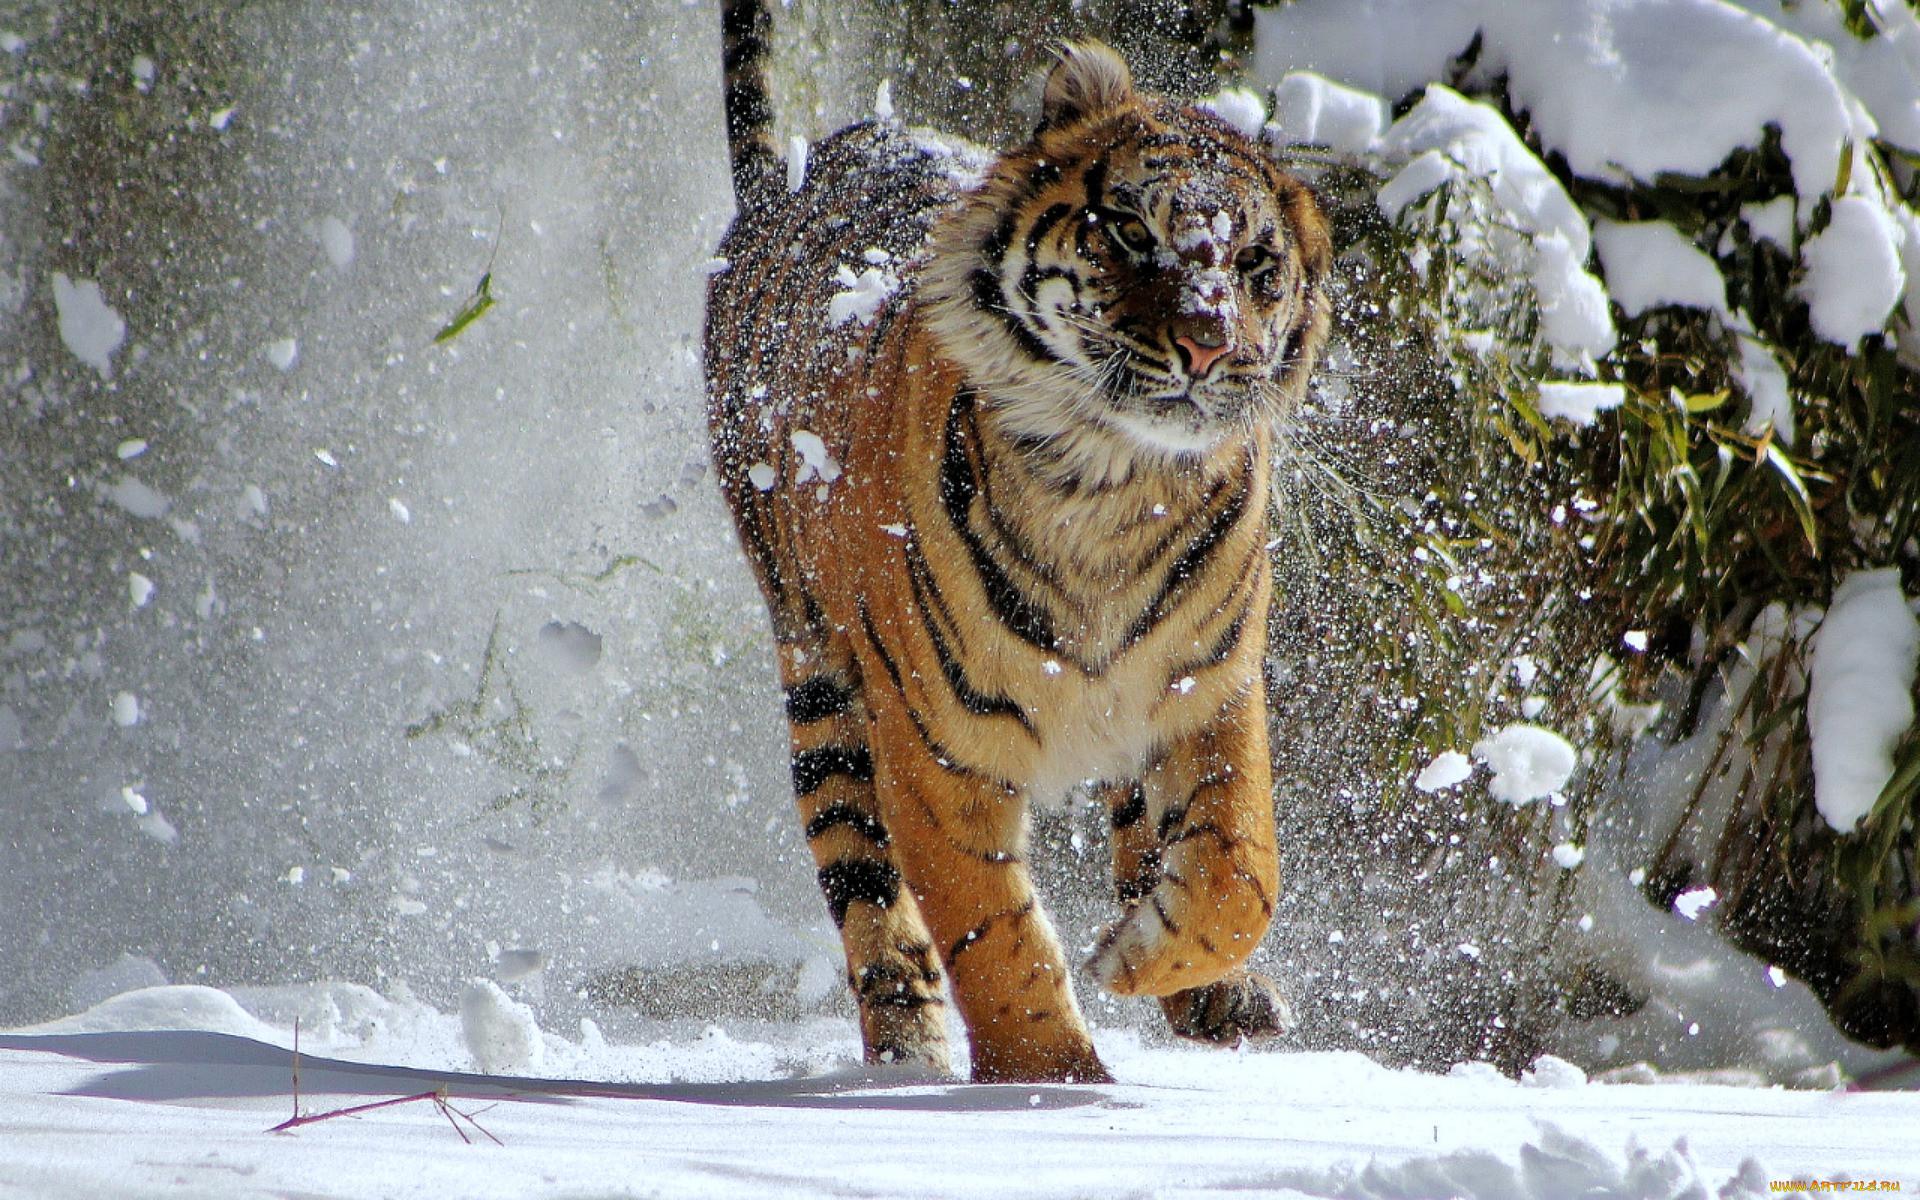 картинка тигр и снег закрывает нижнюю часть